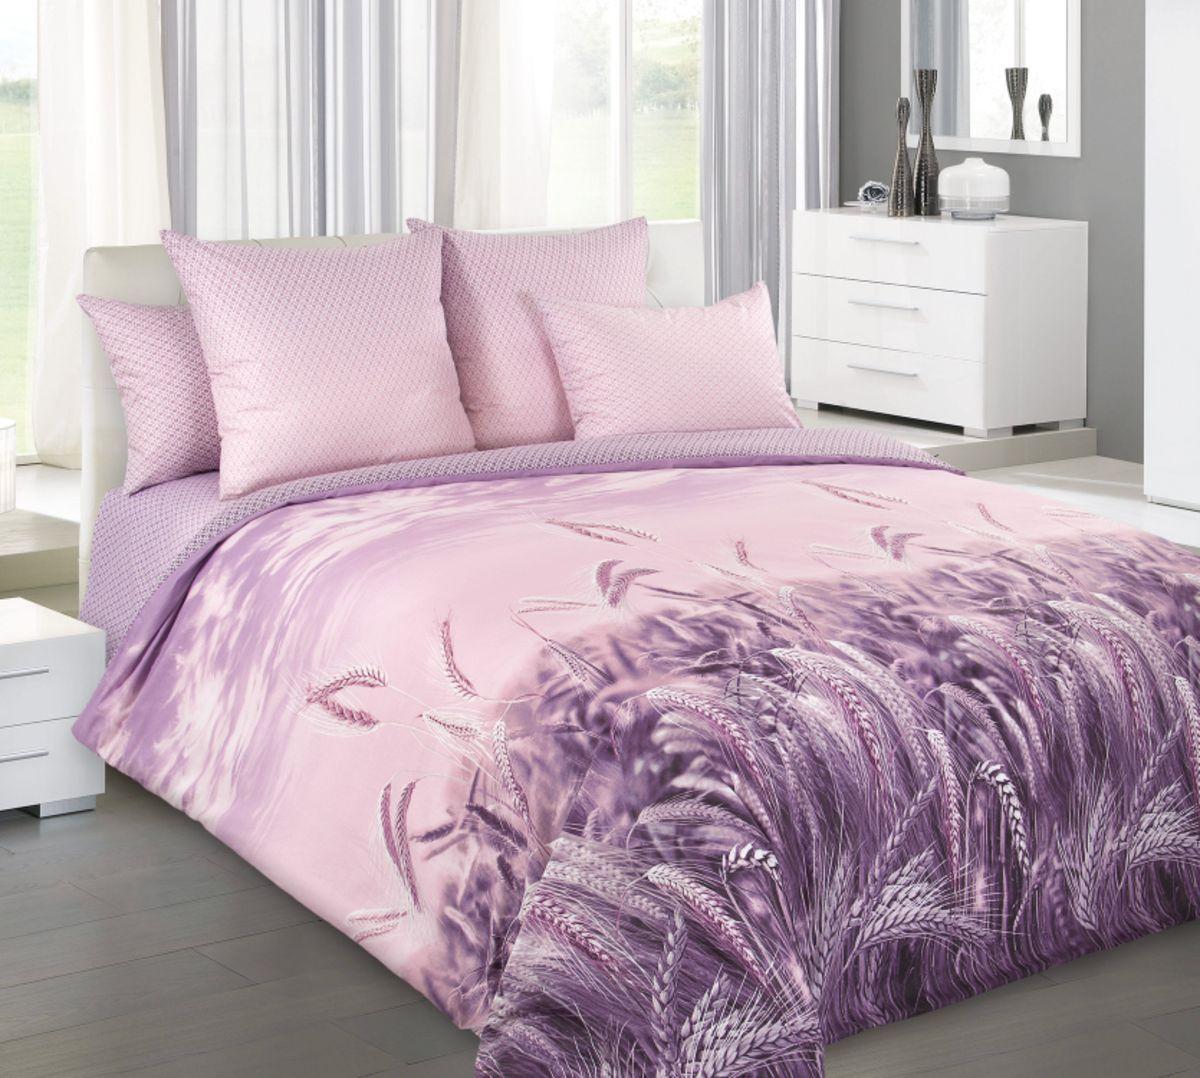 Пододеяльник 2-спальный, перкаль (Утренние лучи, розовый)